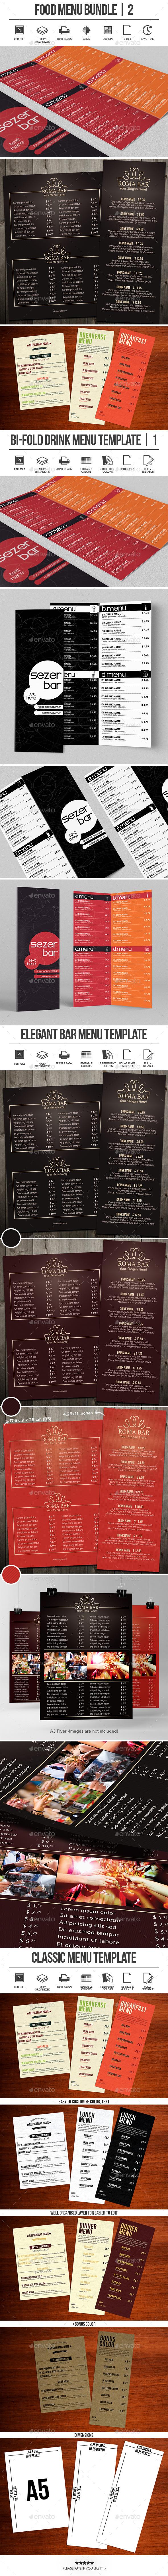 Food Menu Bundle 02 - Food Menus Print Templates